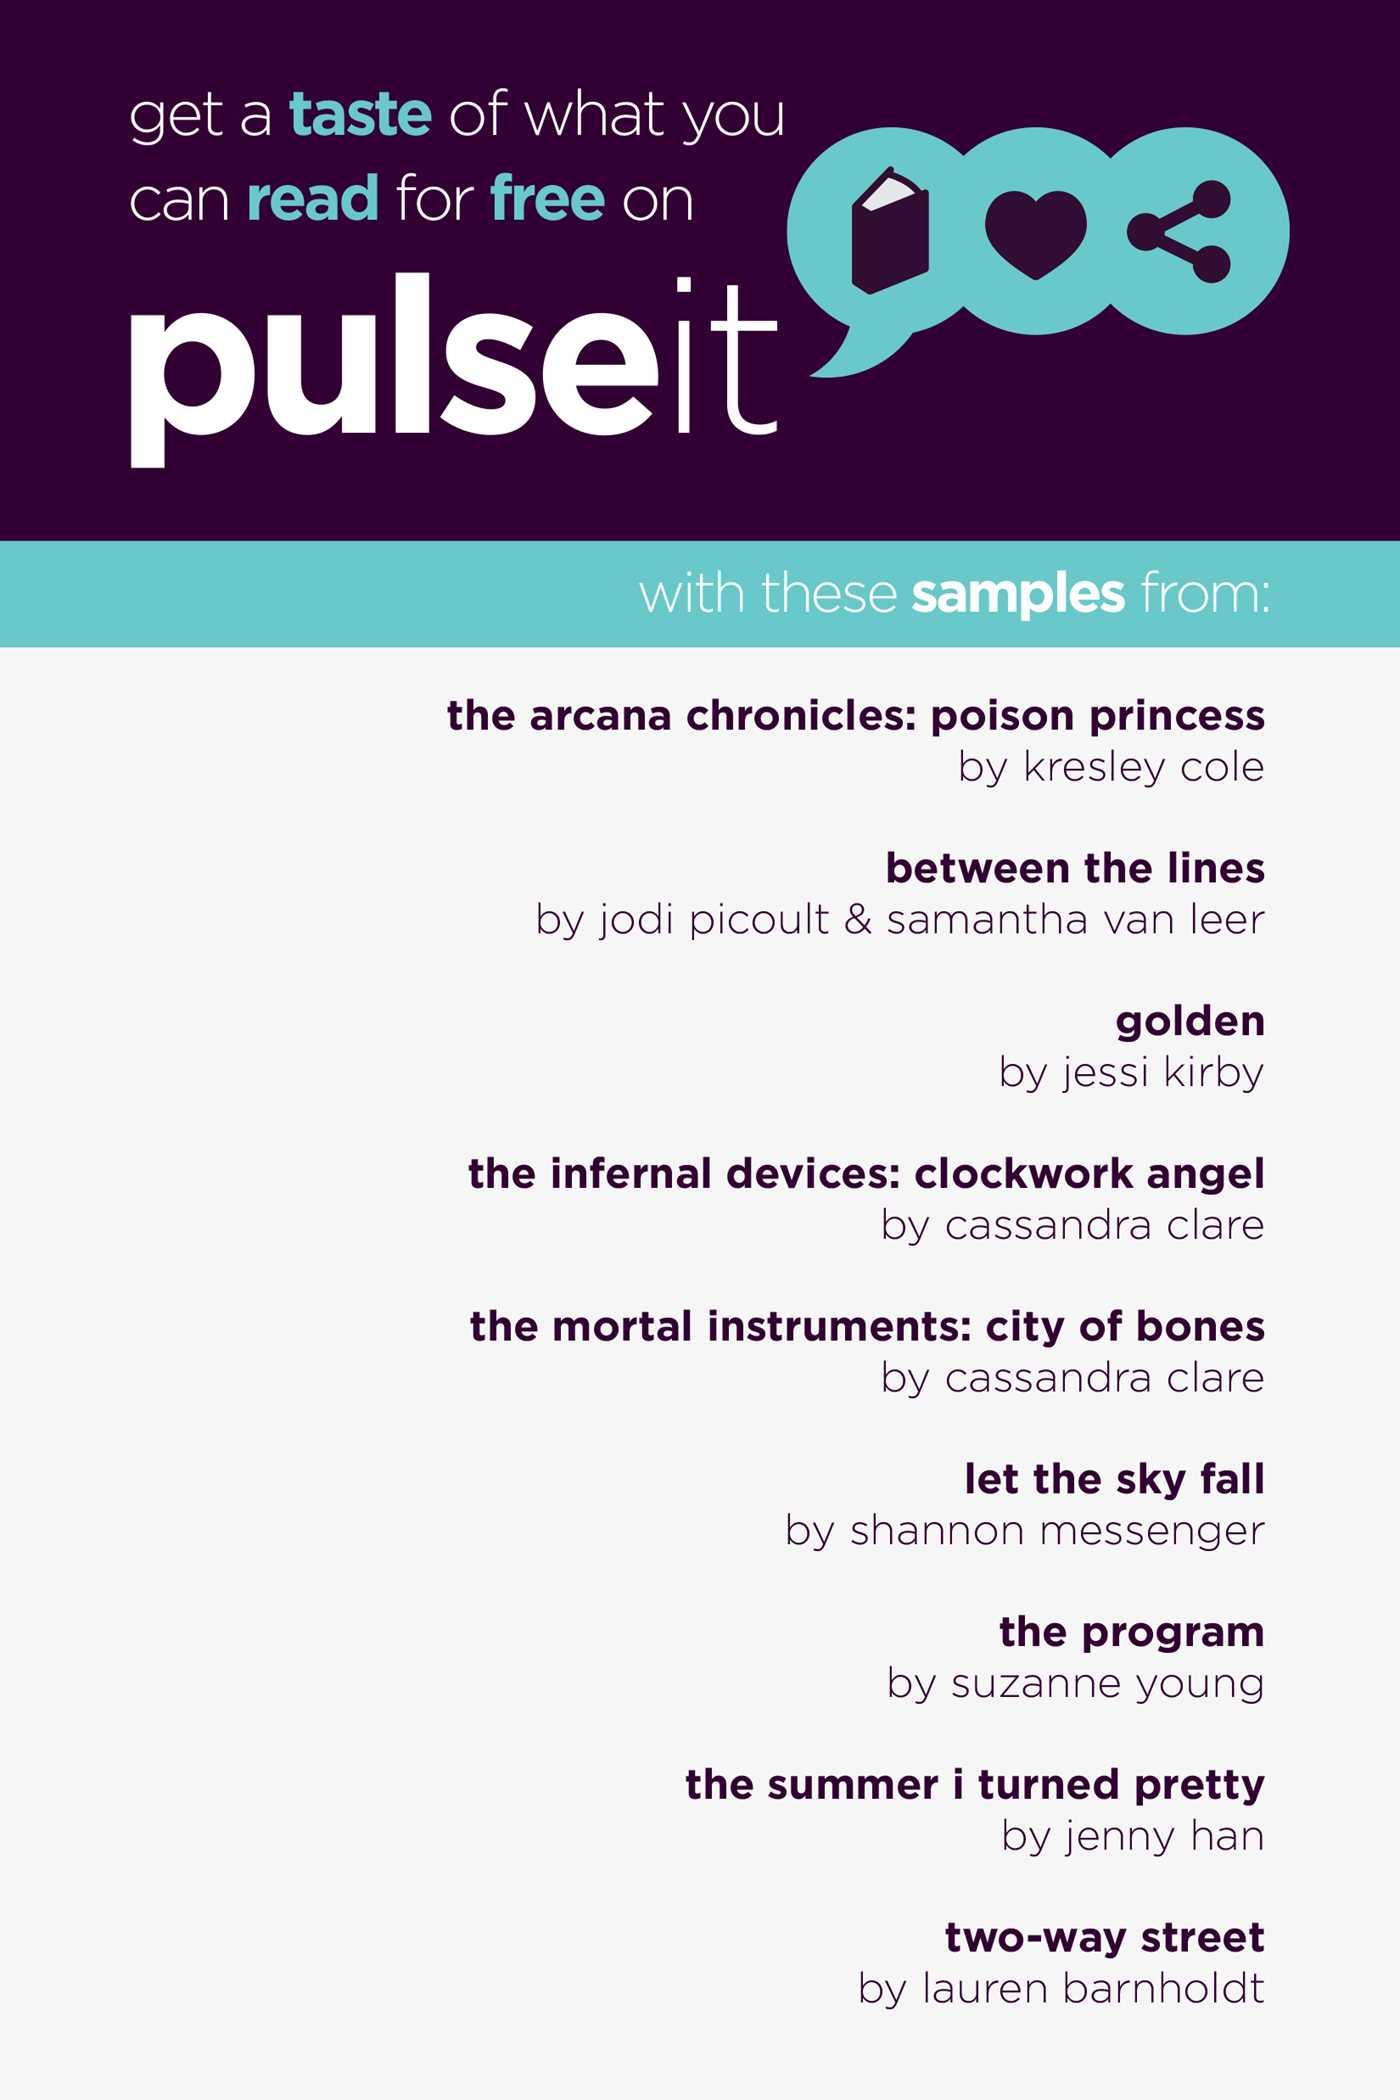 Get a taste of pulseit 9781481404273 hr